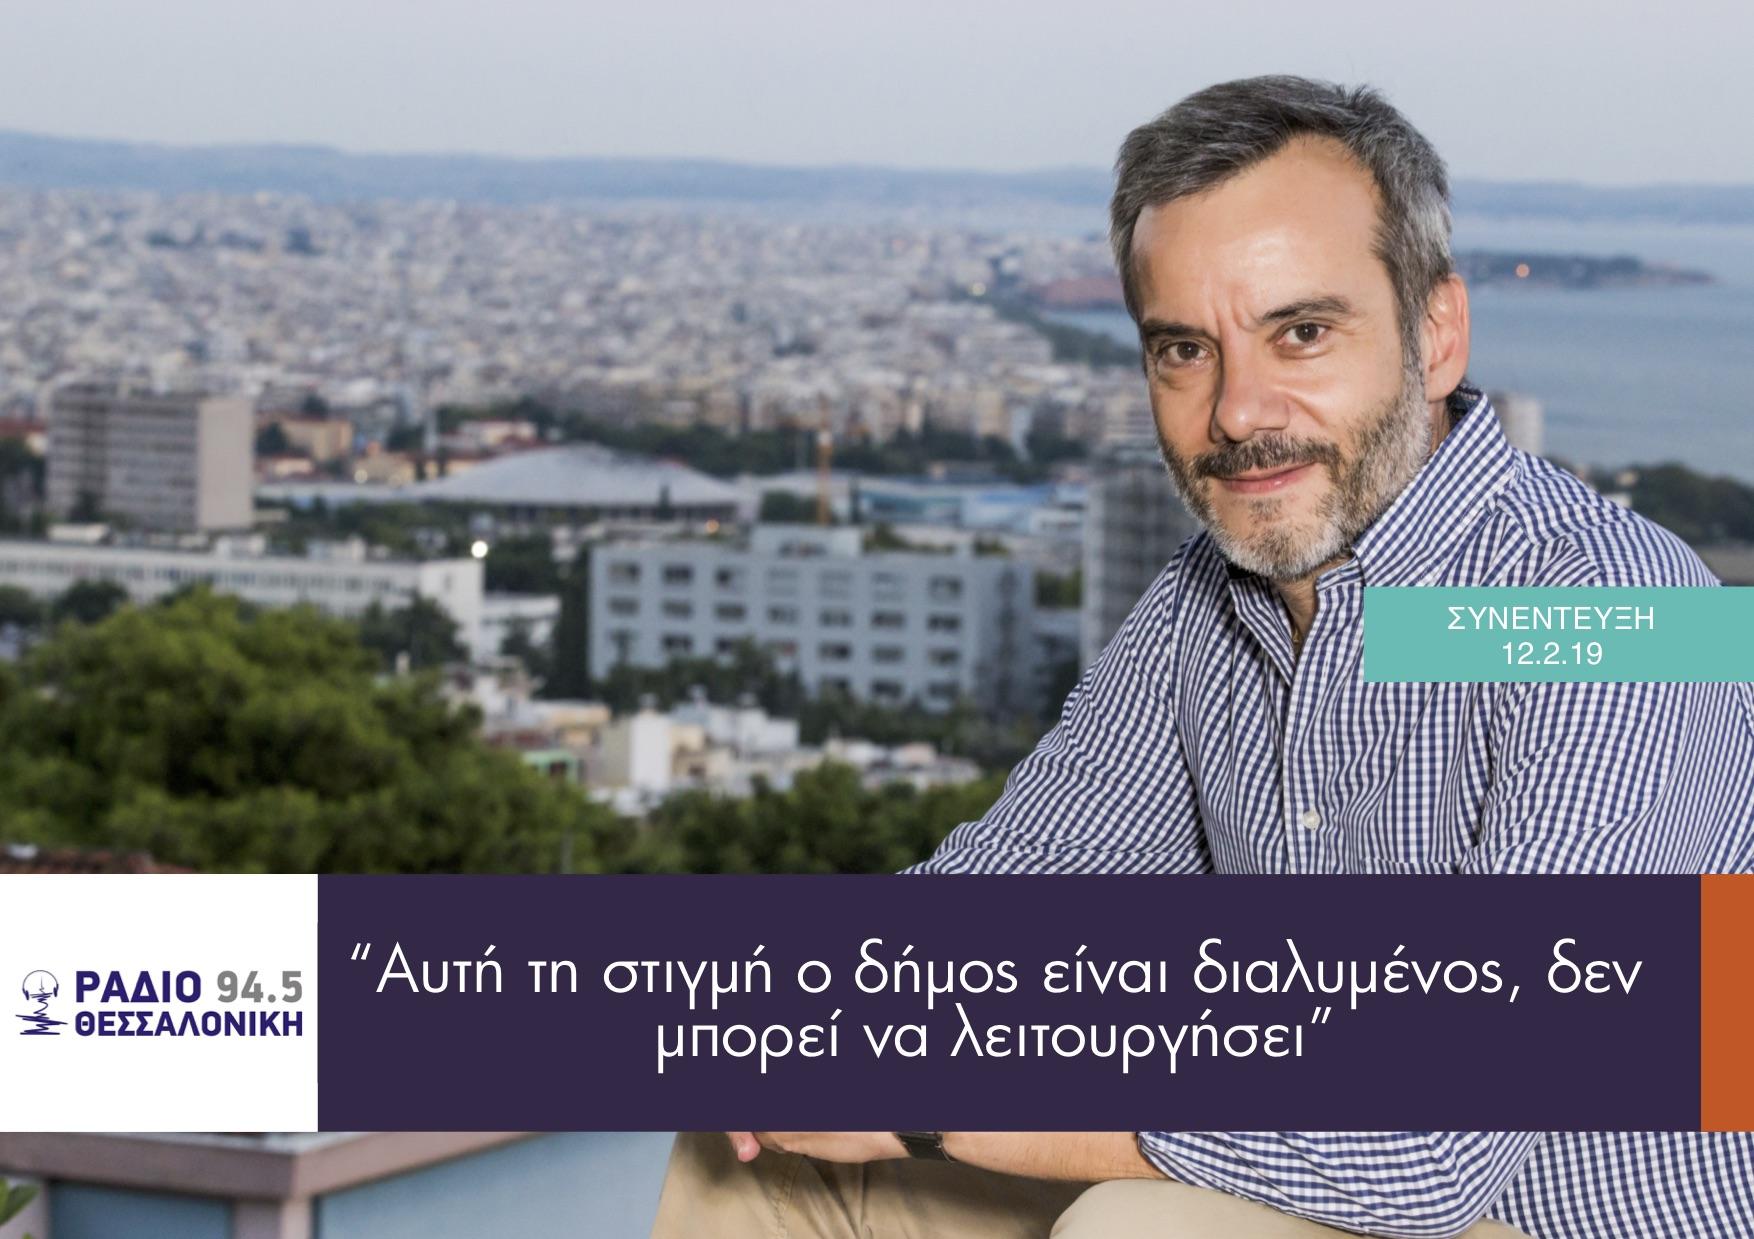 Συνέντευξη για την κατάσταση του δήμου Θεσσαλονίκης στο Ράδιο Θεσσαλονίκη